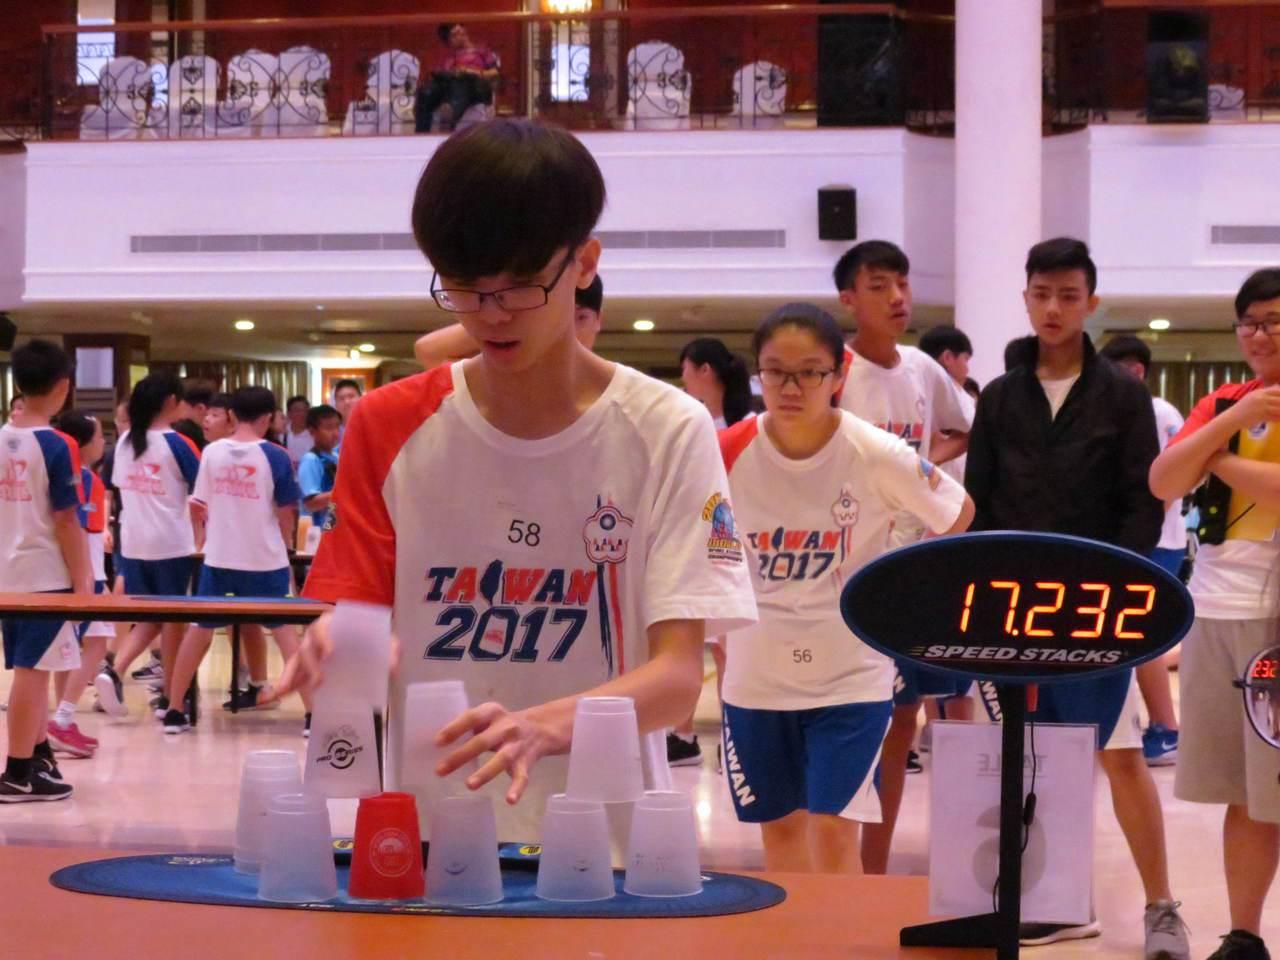 台南市立大灣高中蔡睿宇個人有2金、2銀進帳。 圖/中華競技疊杯運動推廣協會提供